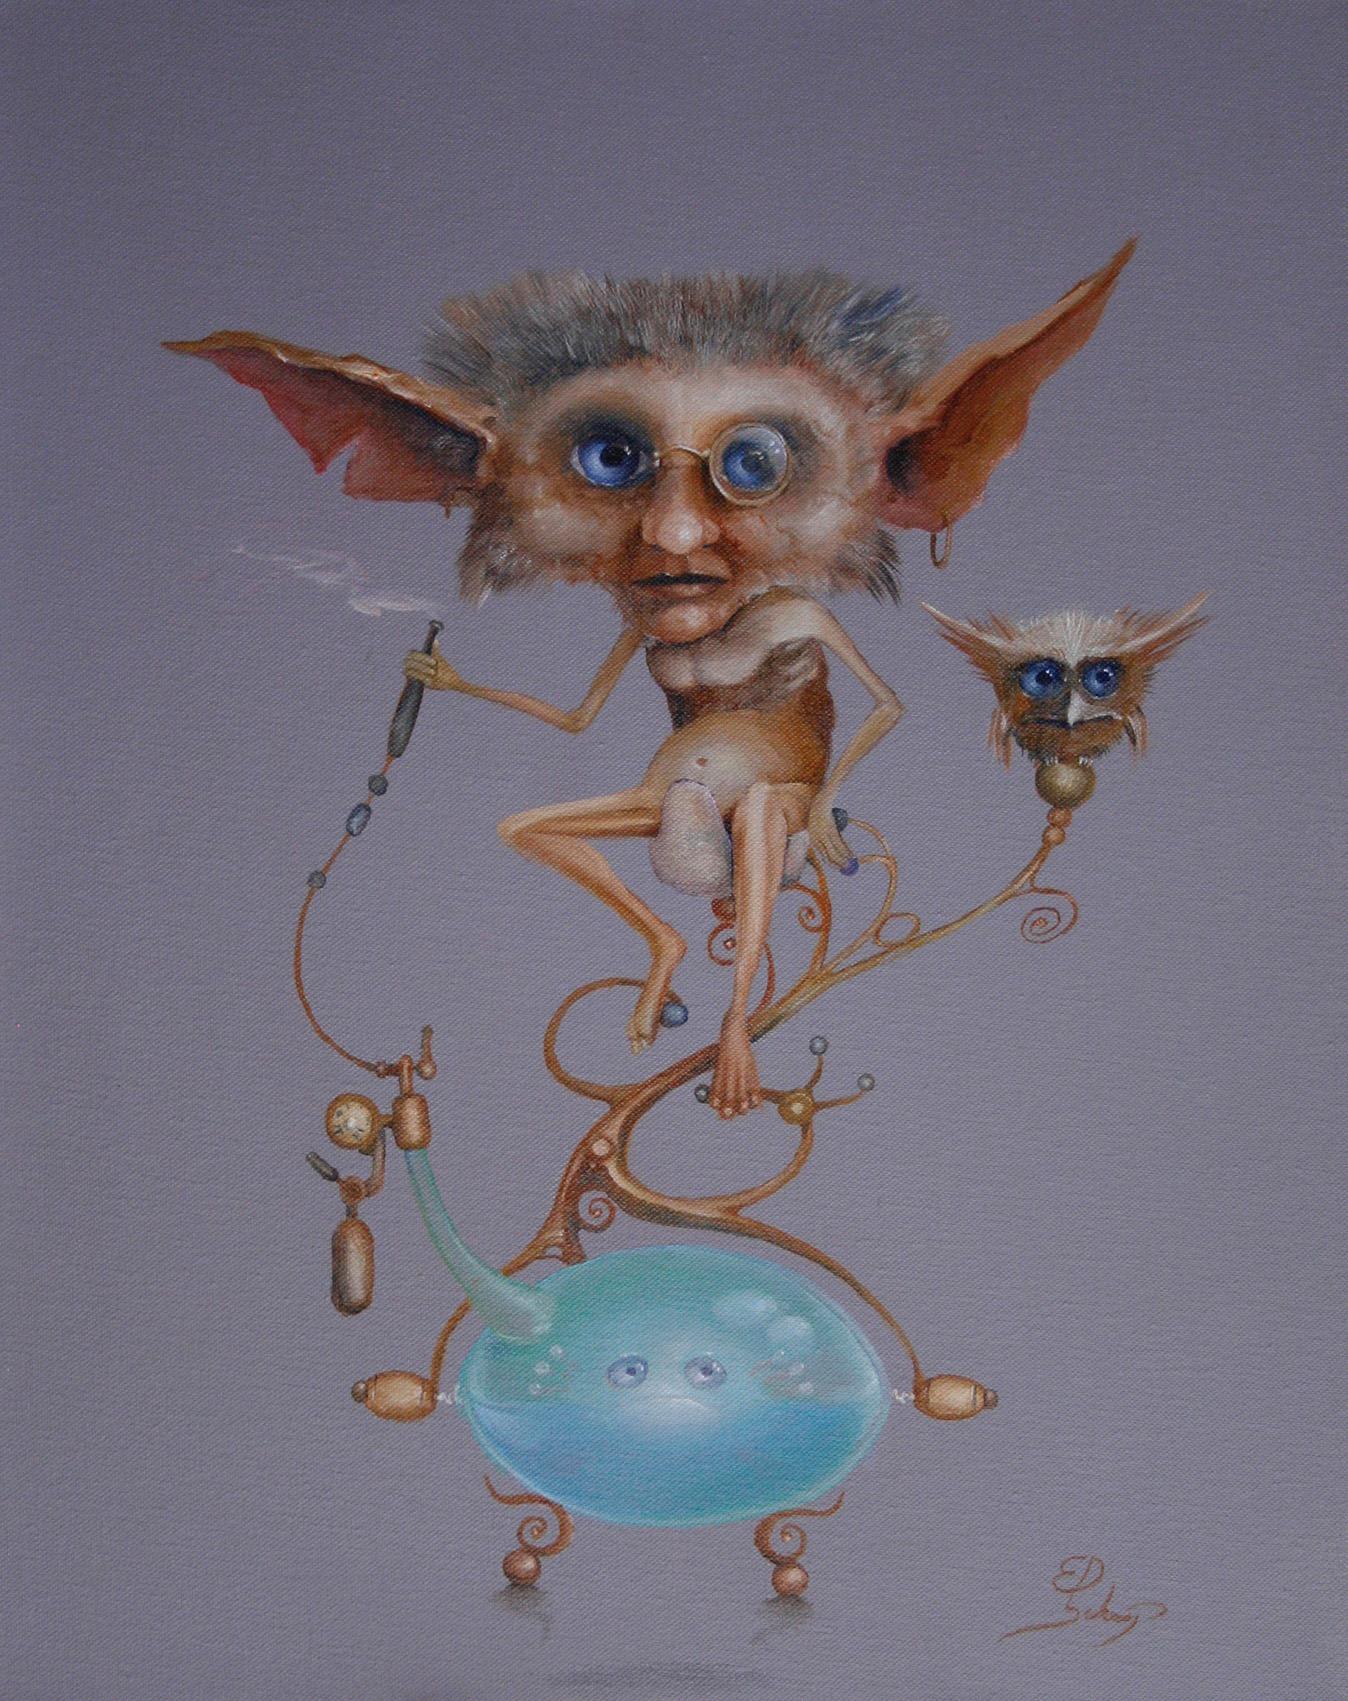 Kunstwerk gemaakt door Ed getiteld Druid